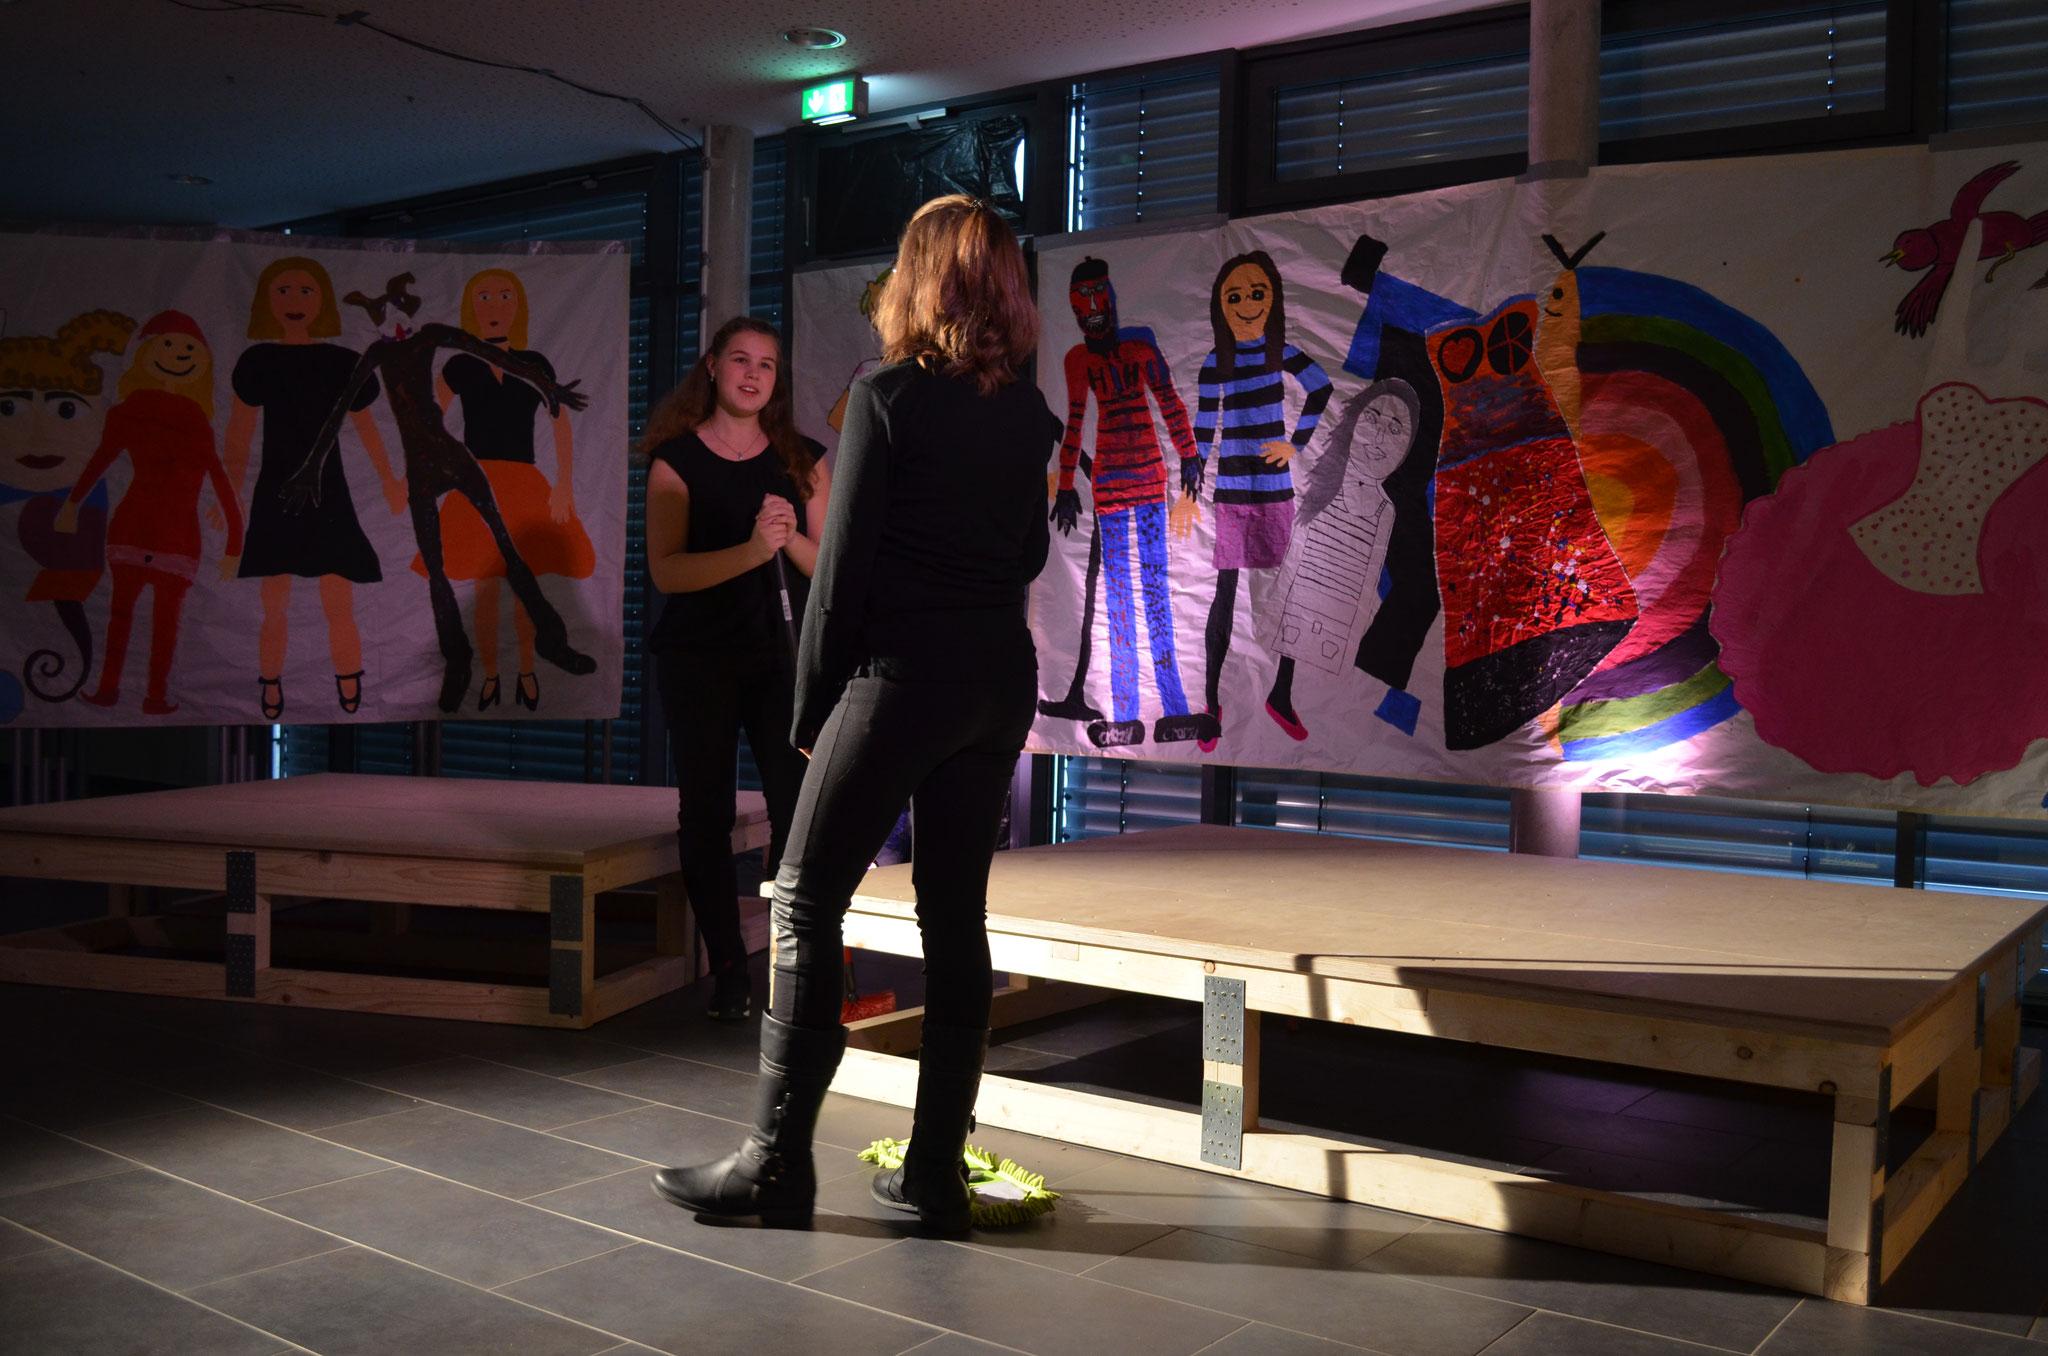 Das Bühnenbild wurde von den Akteuren unter Anleitung der Bühnenbildnerin Anita Fuchs und in Anlehnung an die eigenen Texte erstellt.